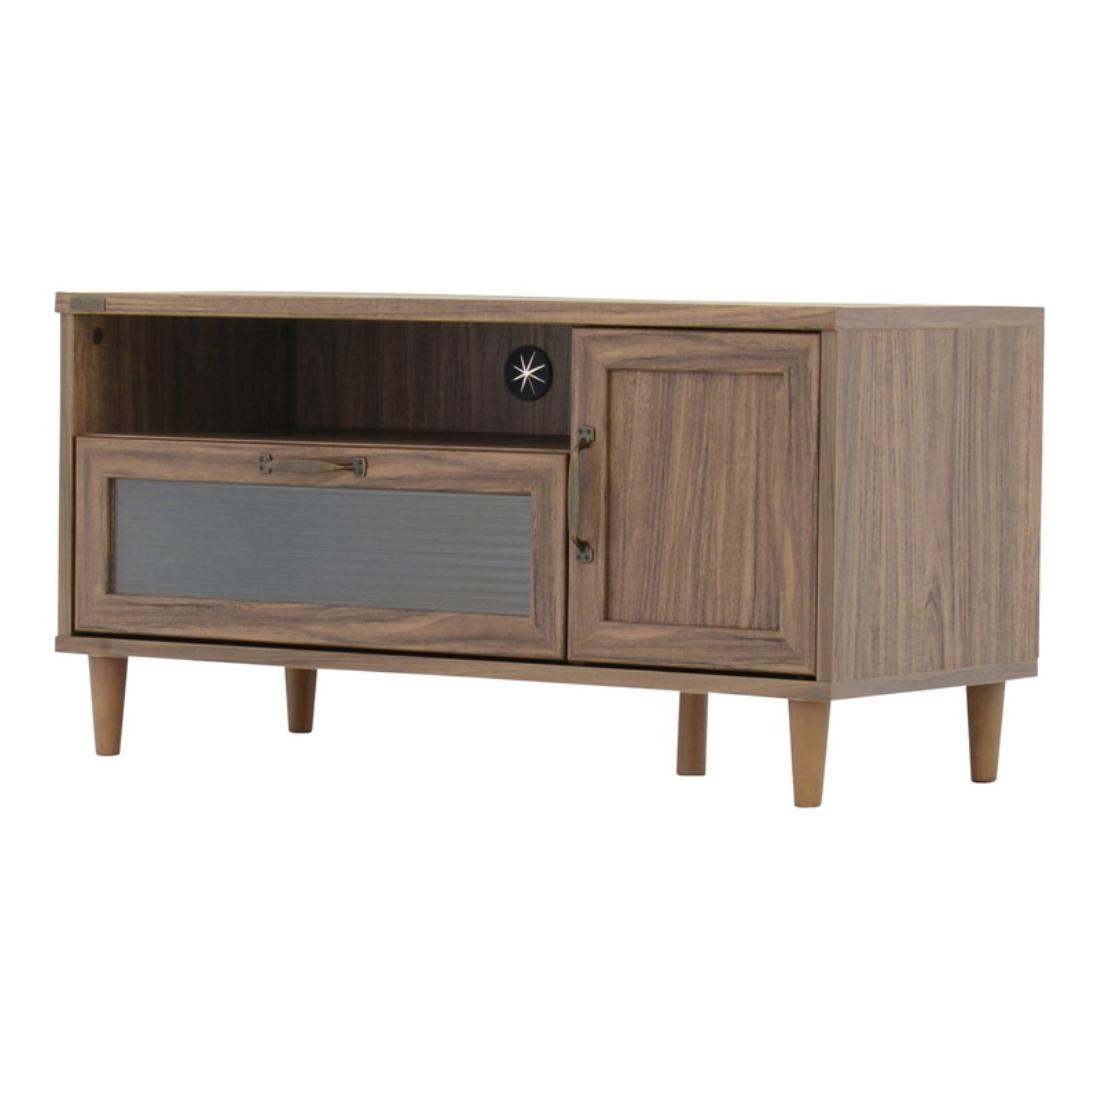 送料無料 オシャレ 家具 テレビ ボード TVボード POWRY(ポーリー)テレビ台 ローボード(90cm幅) オシャレ